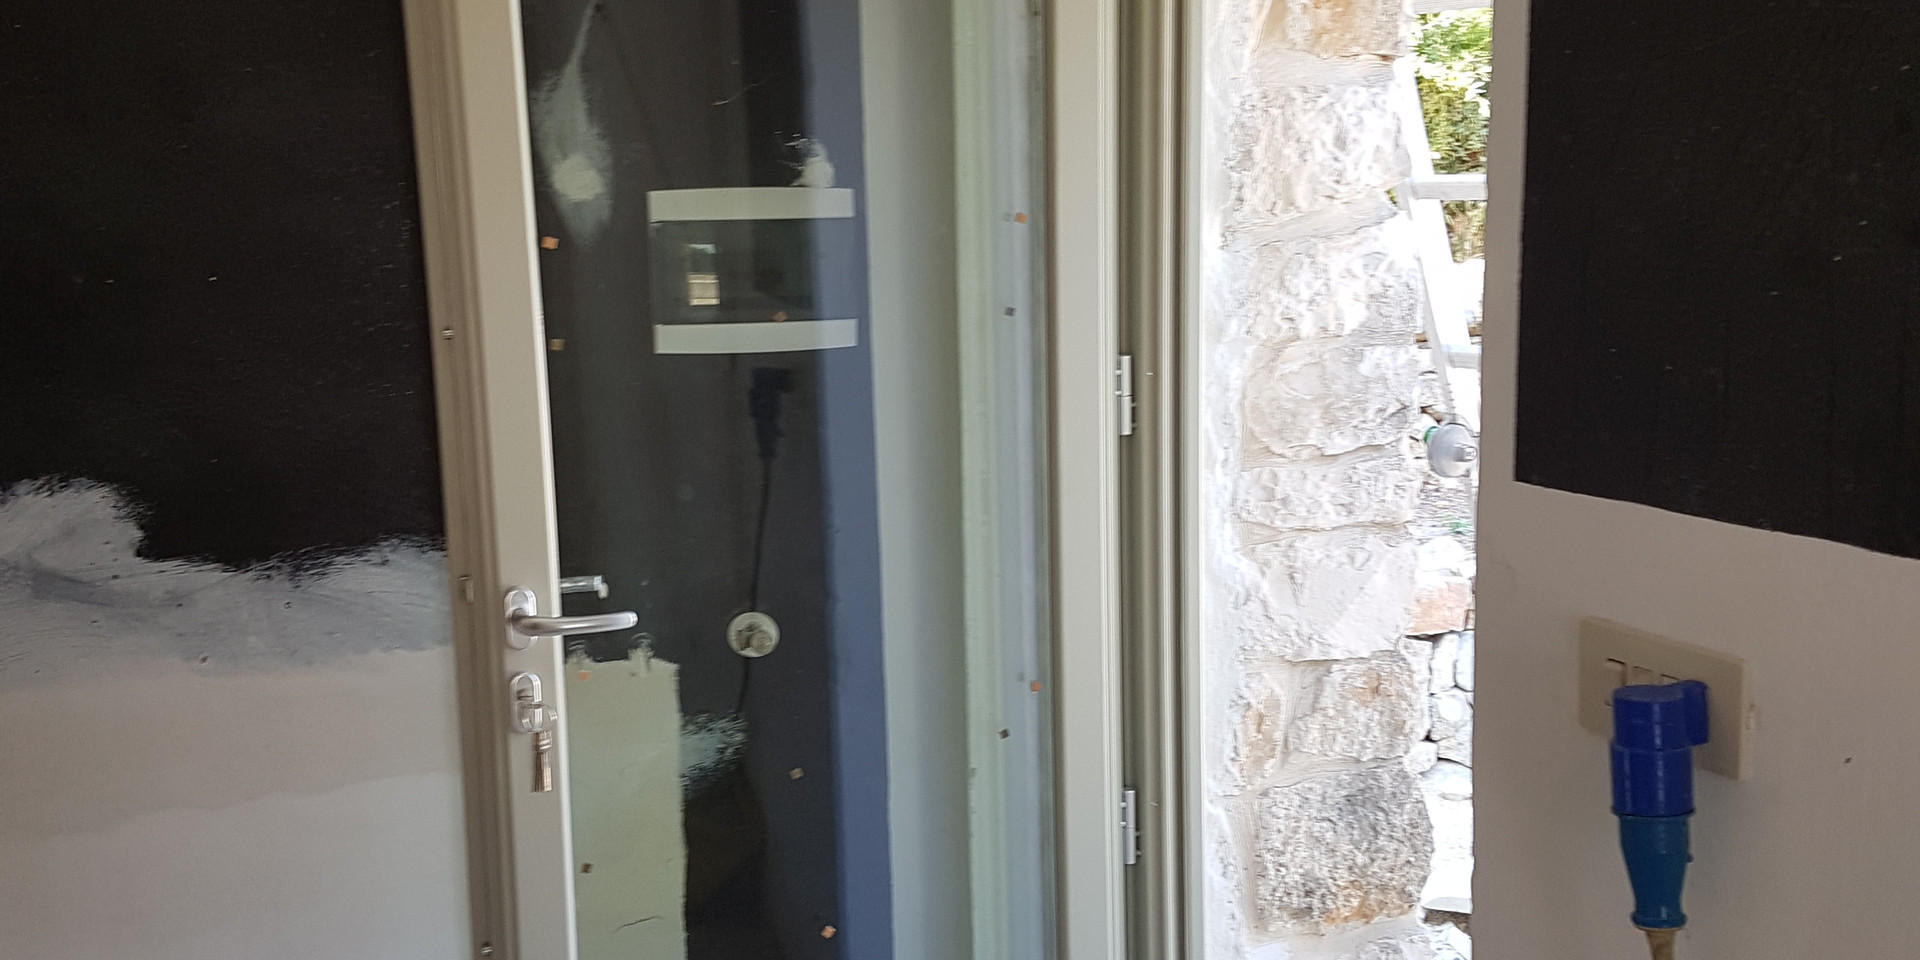 More doors!